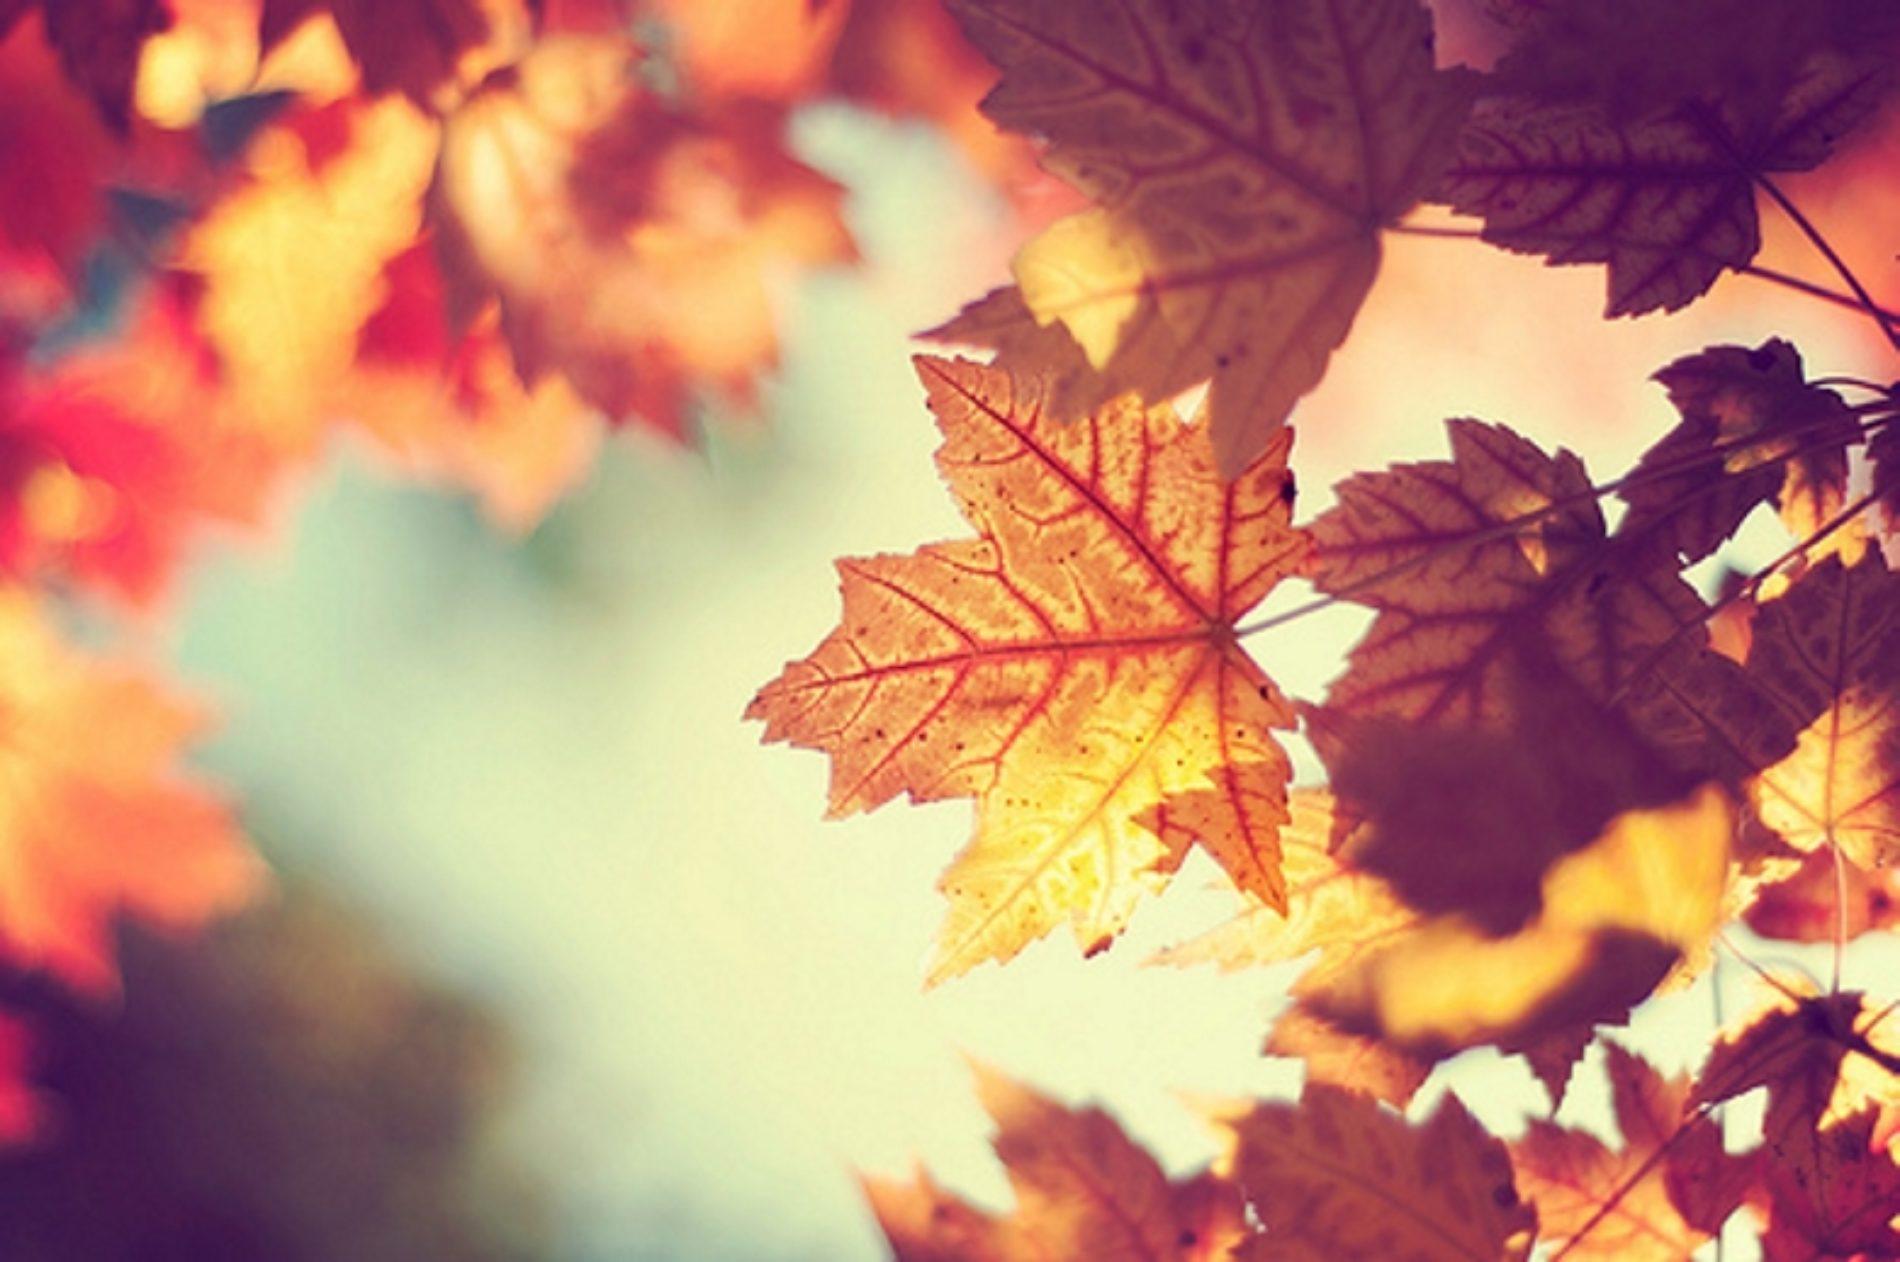 Outono começa hoje com temperaturas entre 20 e 27 graus e chuva